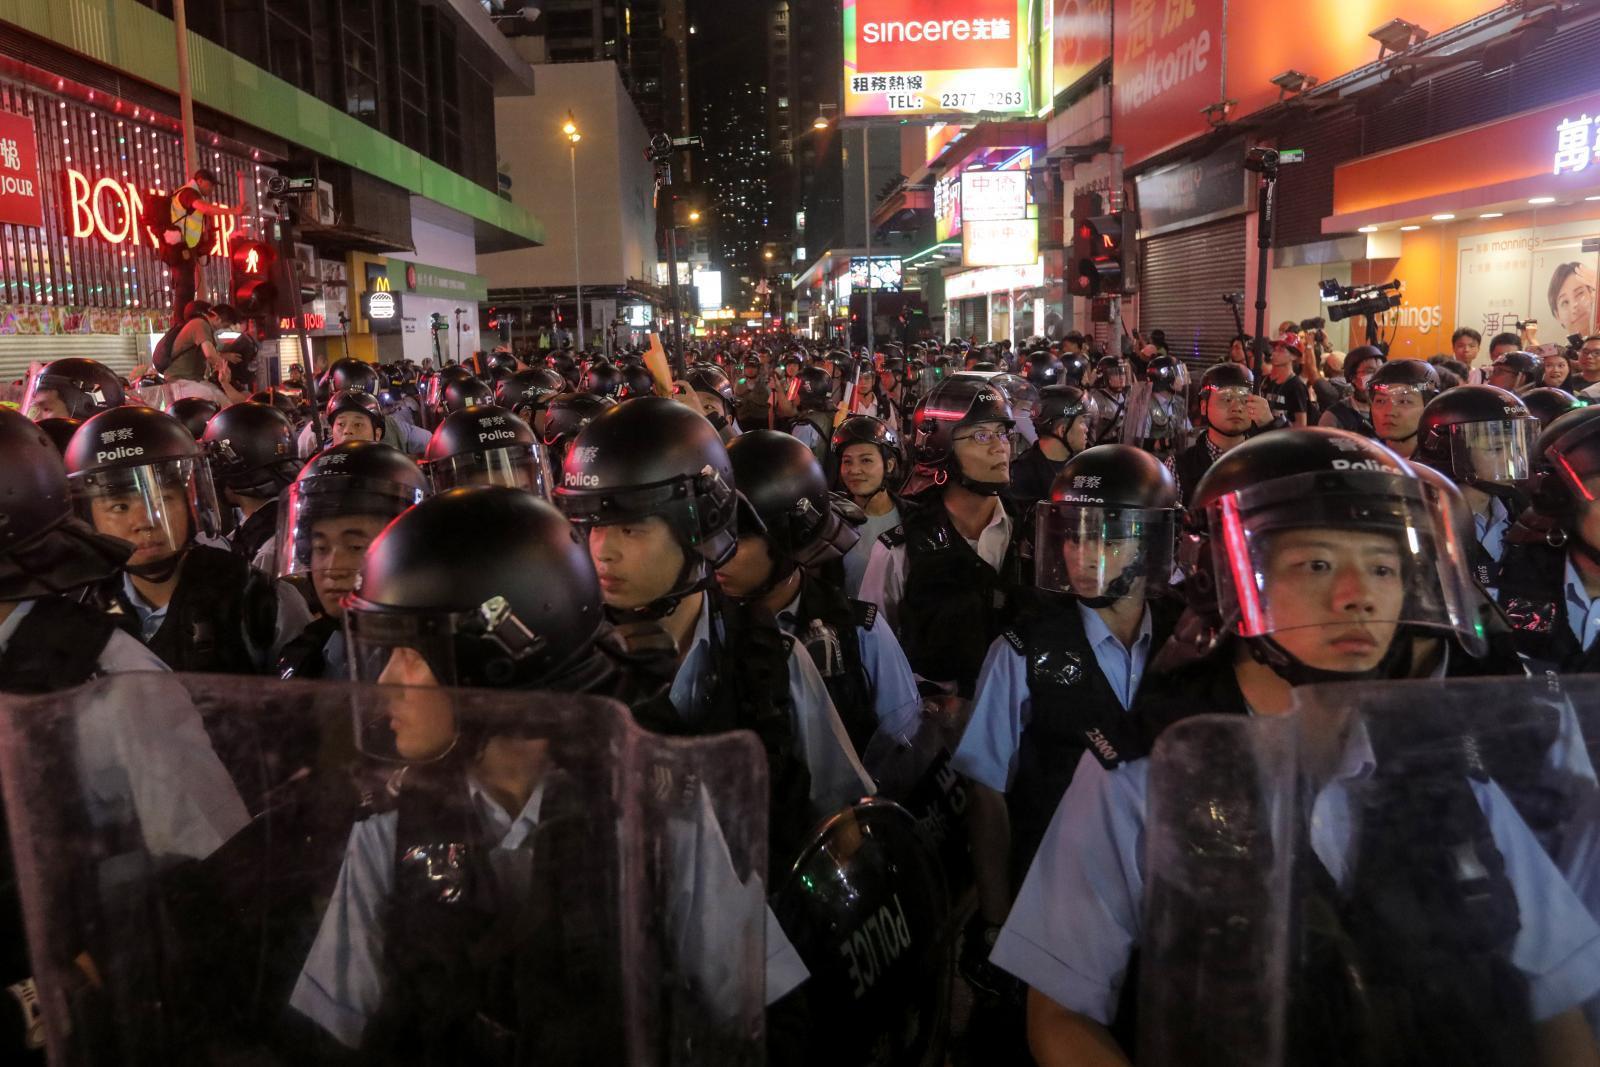 ชาวฮ่องกงประท้วงต่อเนื่องมากกว่า 2.3 แสนคน